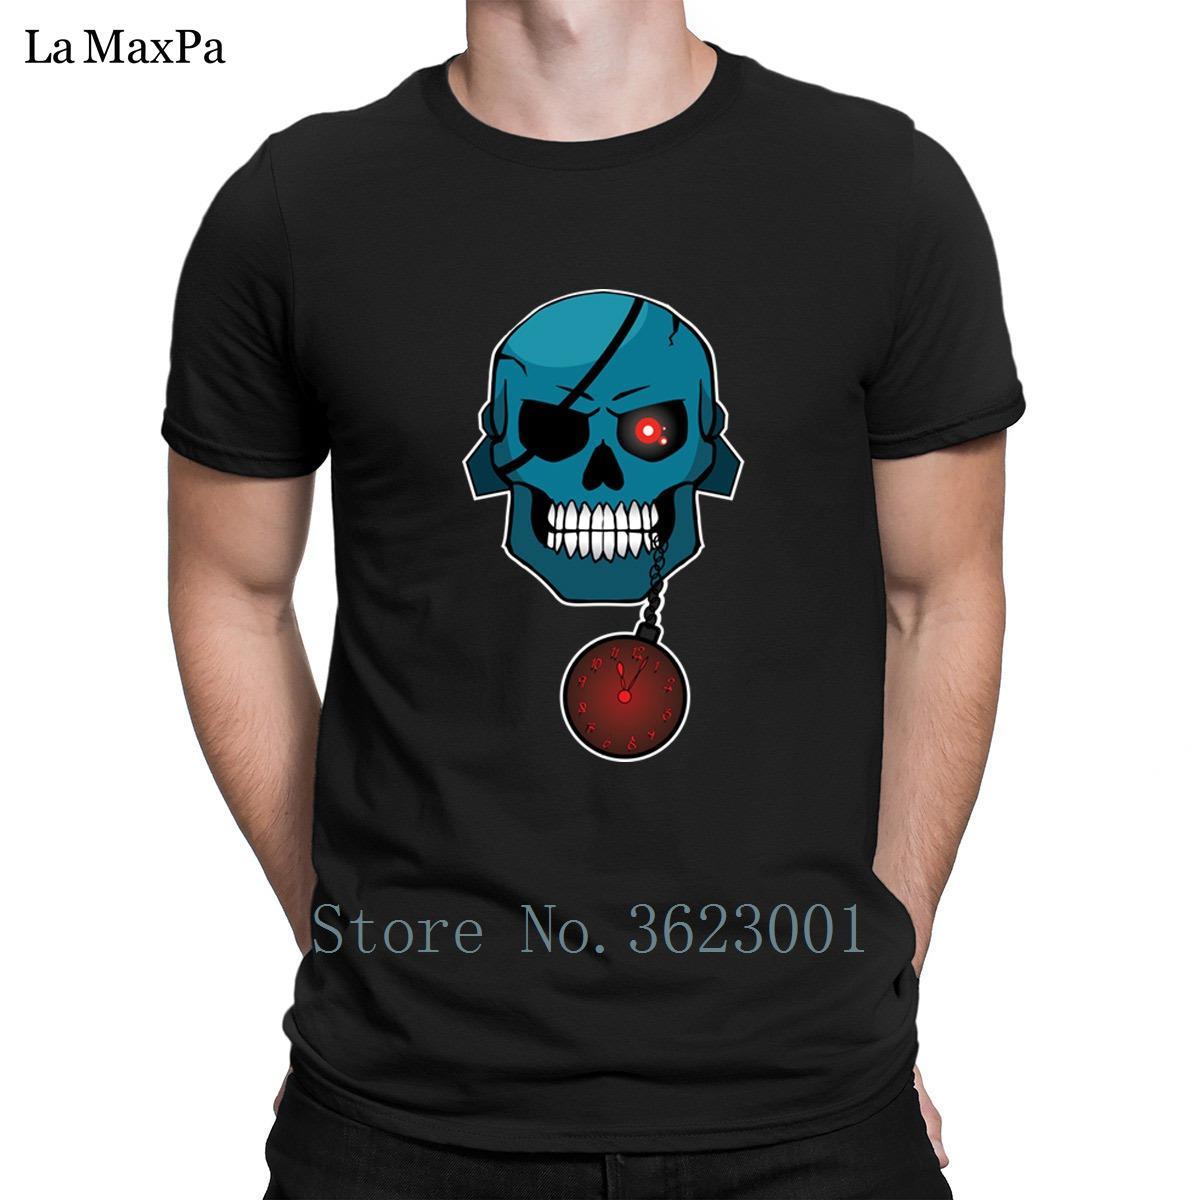 Personalidade Magro Homens Camiseta o ladrão do tempo camisetas para homens Roupa T-shirt dos homens Branded T-shirt O pescoço de alta qualidade